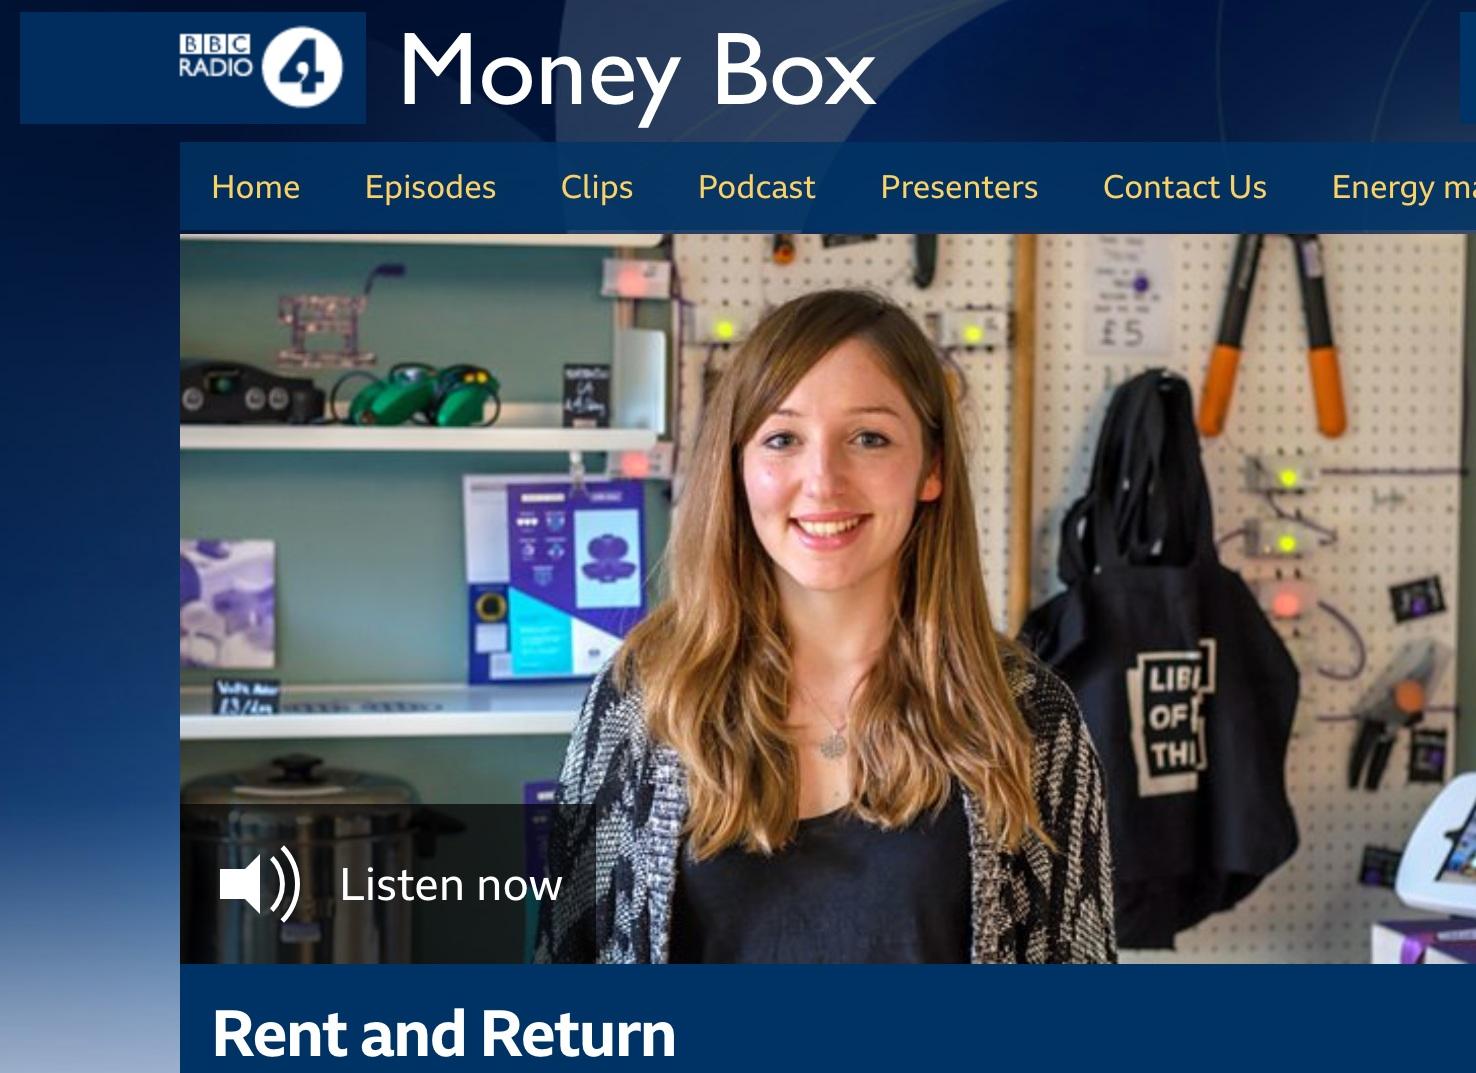 Radio 4 Money Box